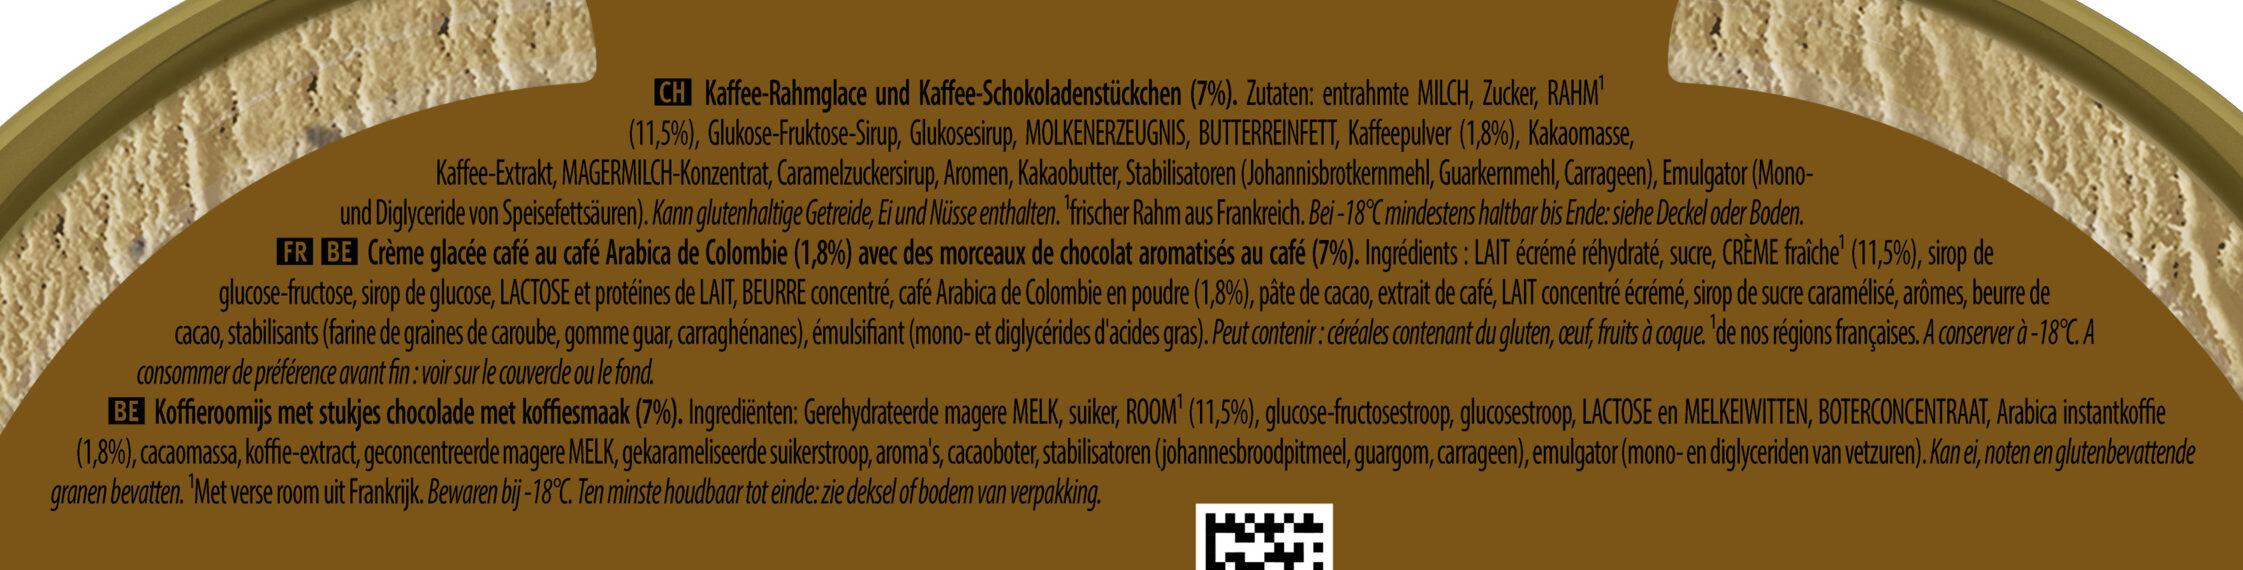 Carte D'or Les Authentiques Glace au Café Arabica de Colombie Bac - Ingredienti - fr